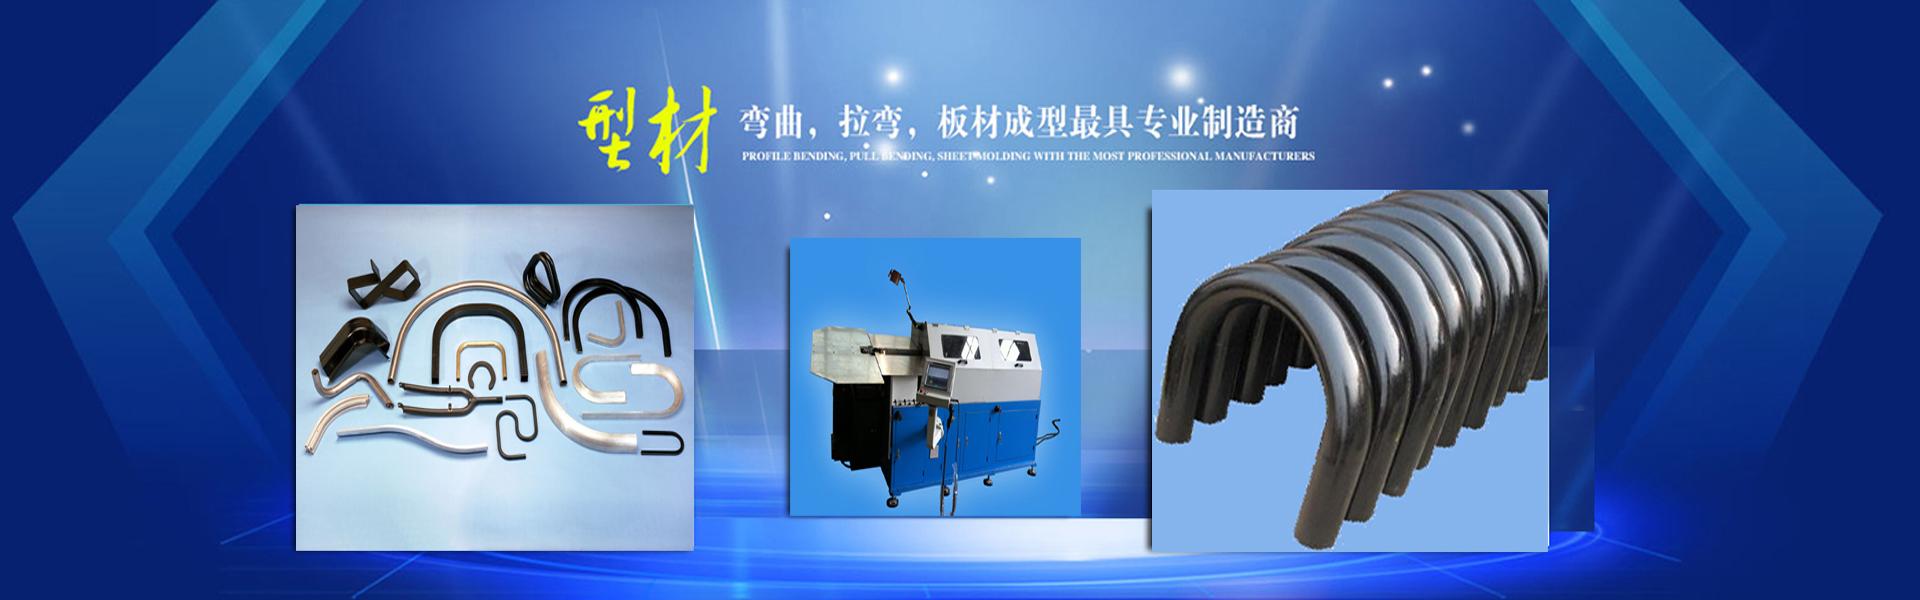 惠州弯管厂